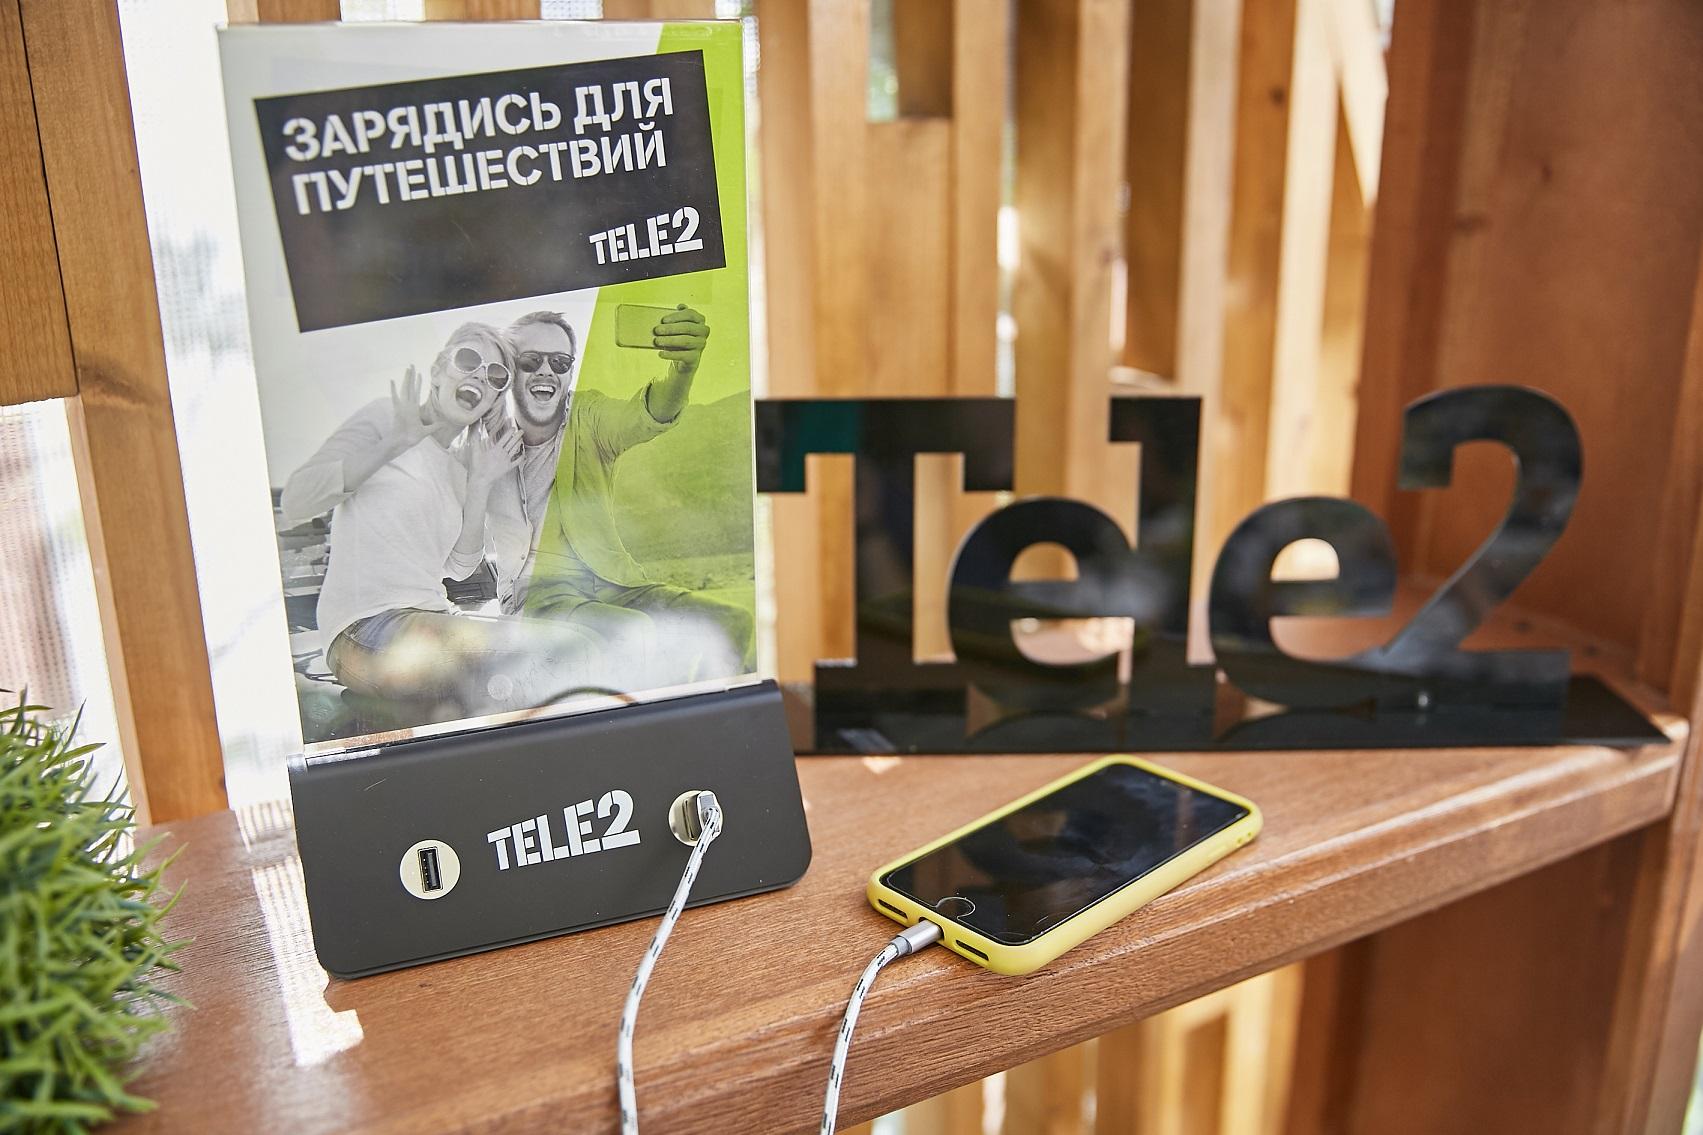 Tele2 c 1 февраля запускает продажи SIM-карт на борту самолетов 1